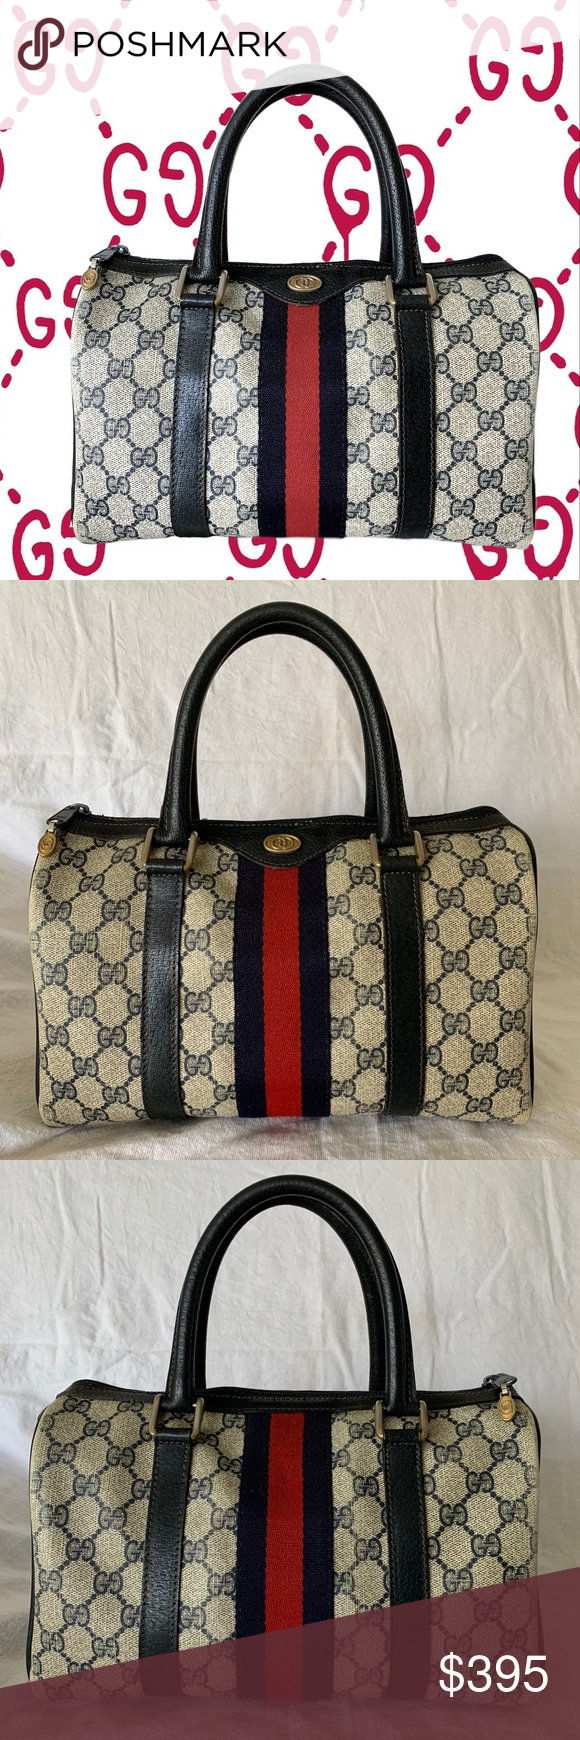 Gucci Bag Gucci Vintage Bag Gucci Bag Bags